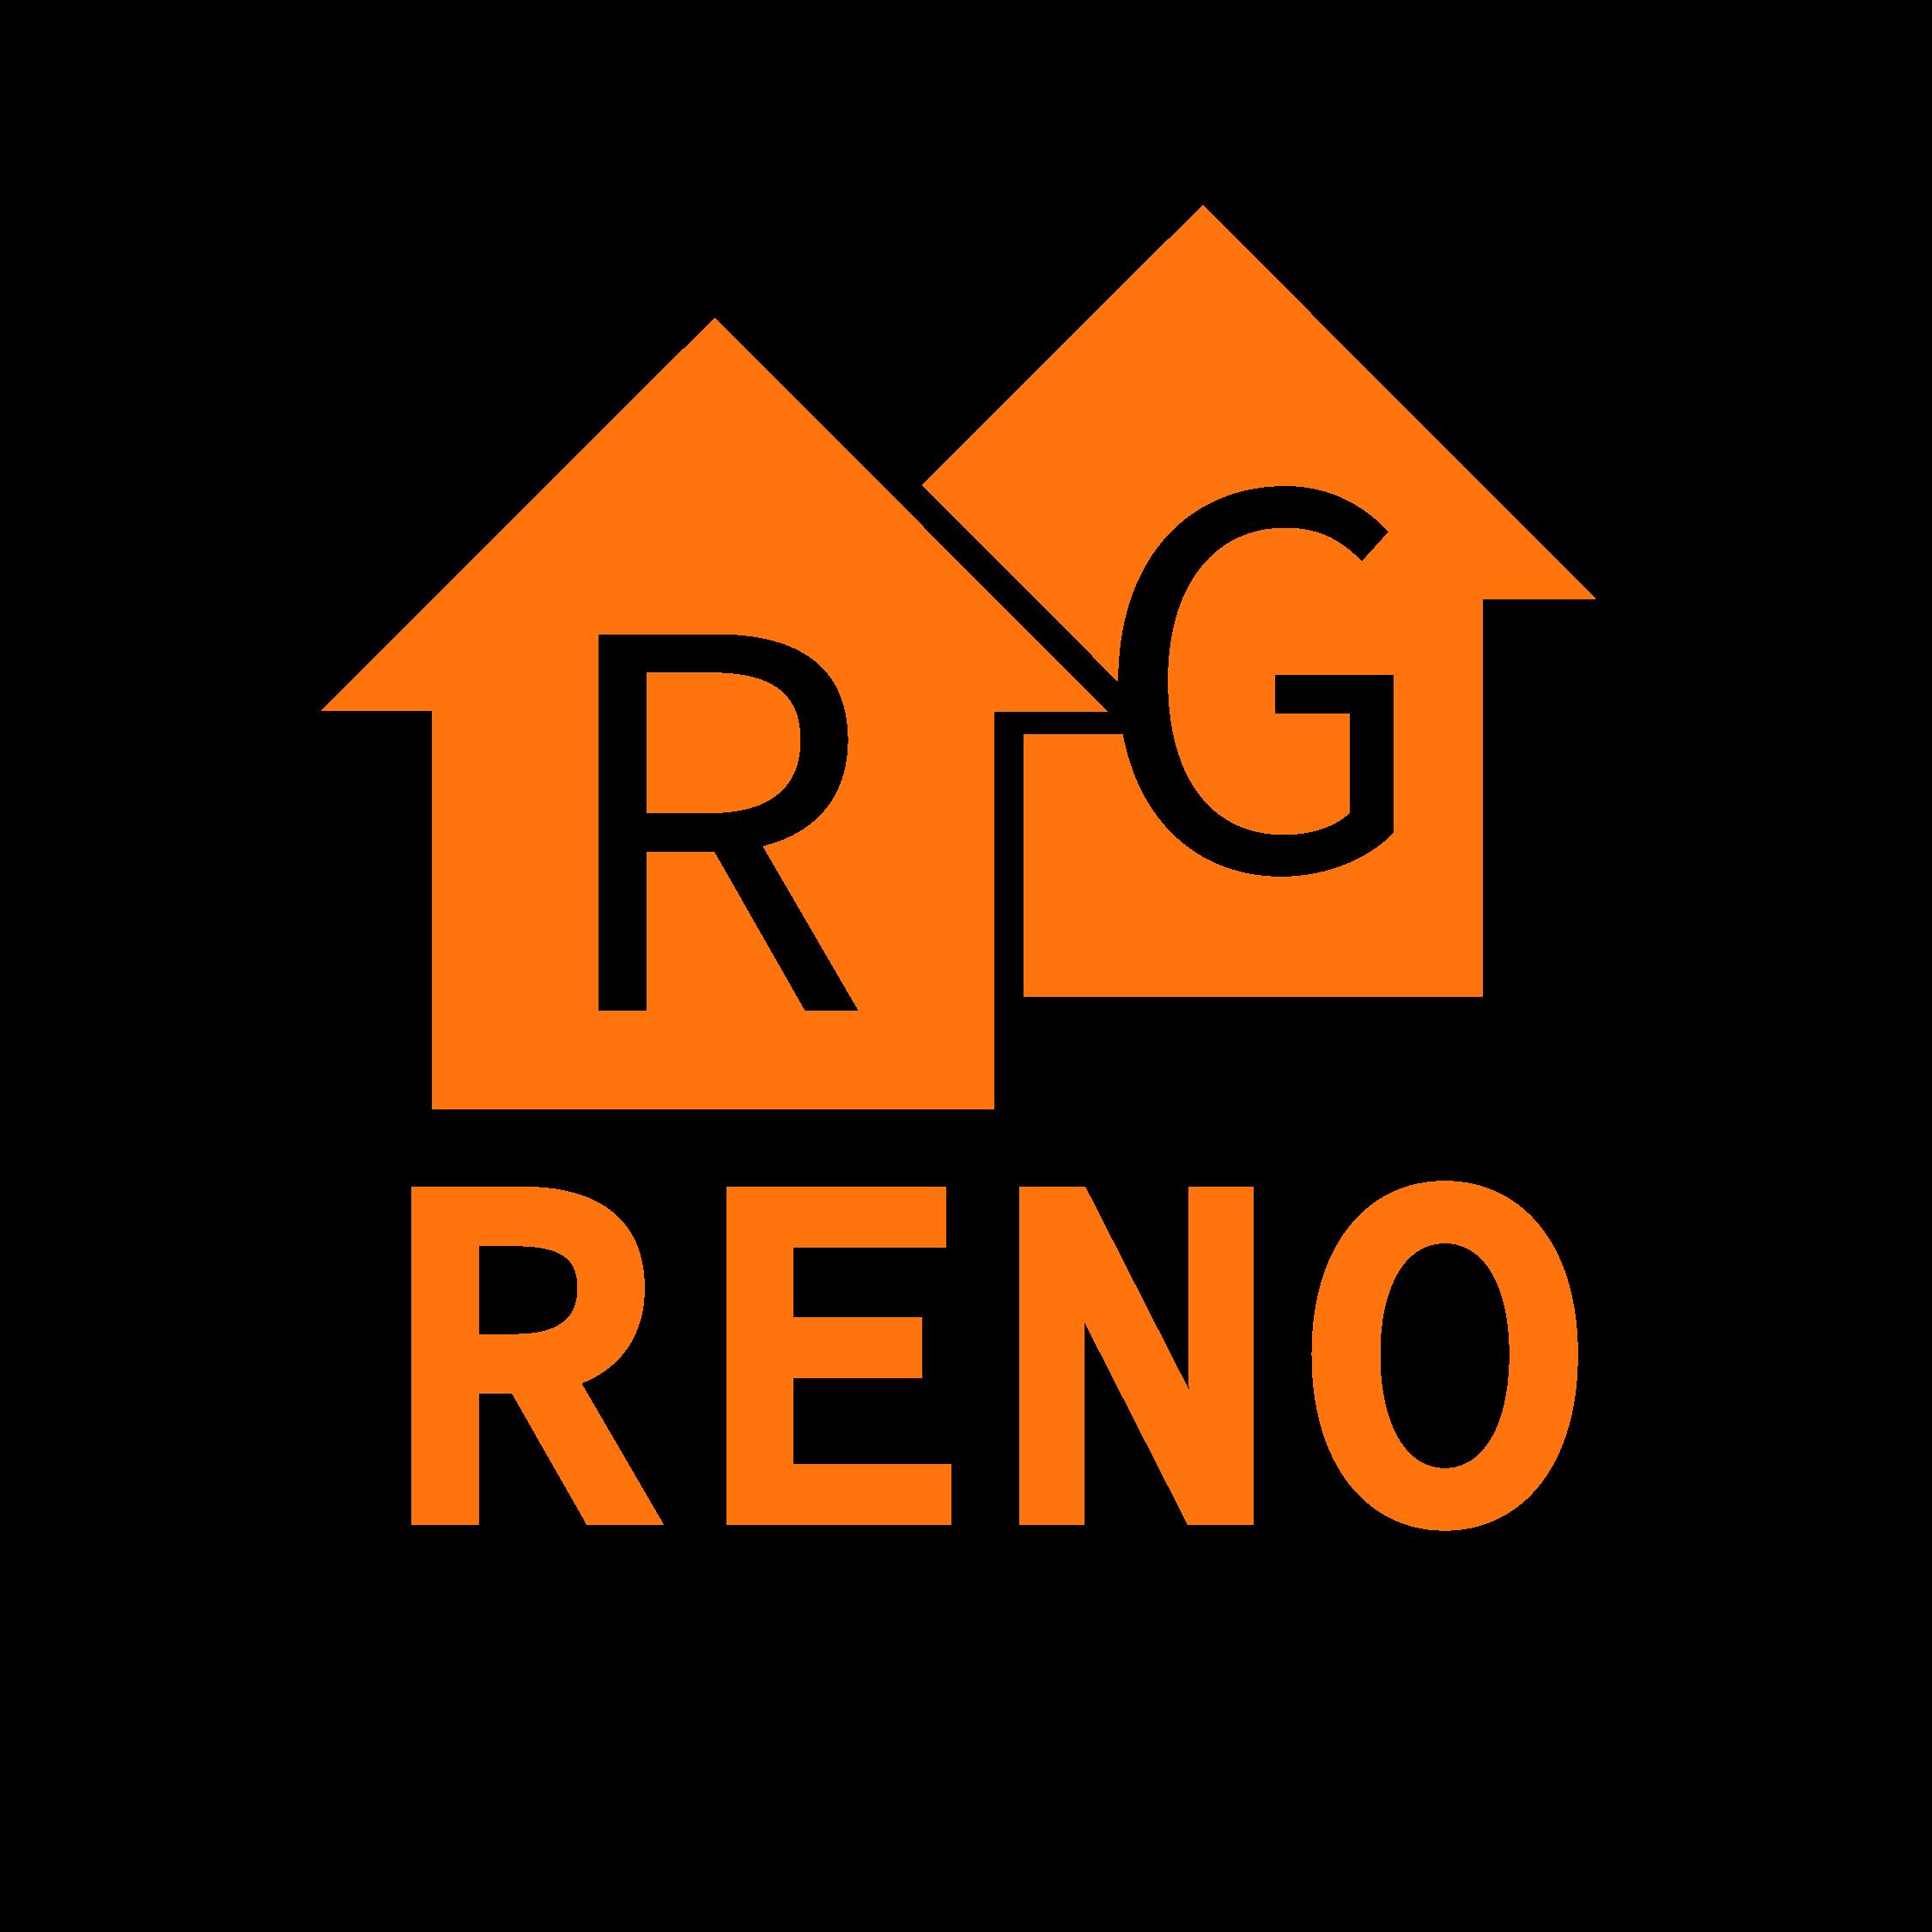 RG RENO